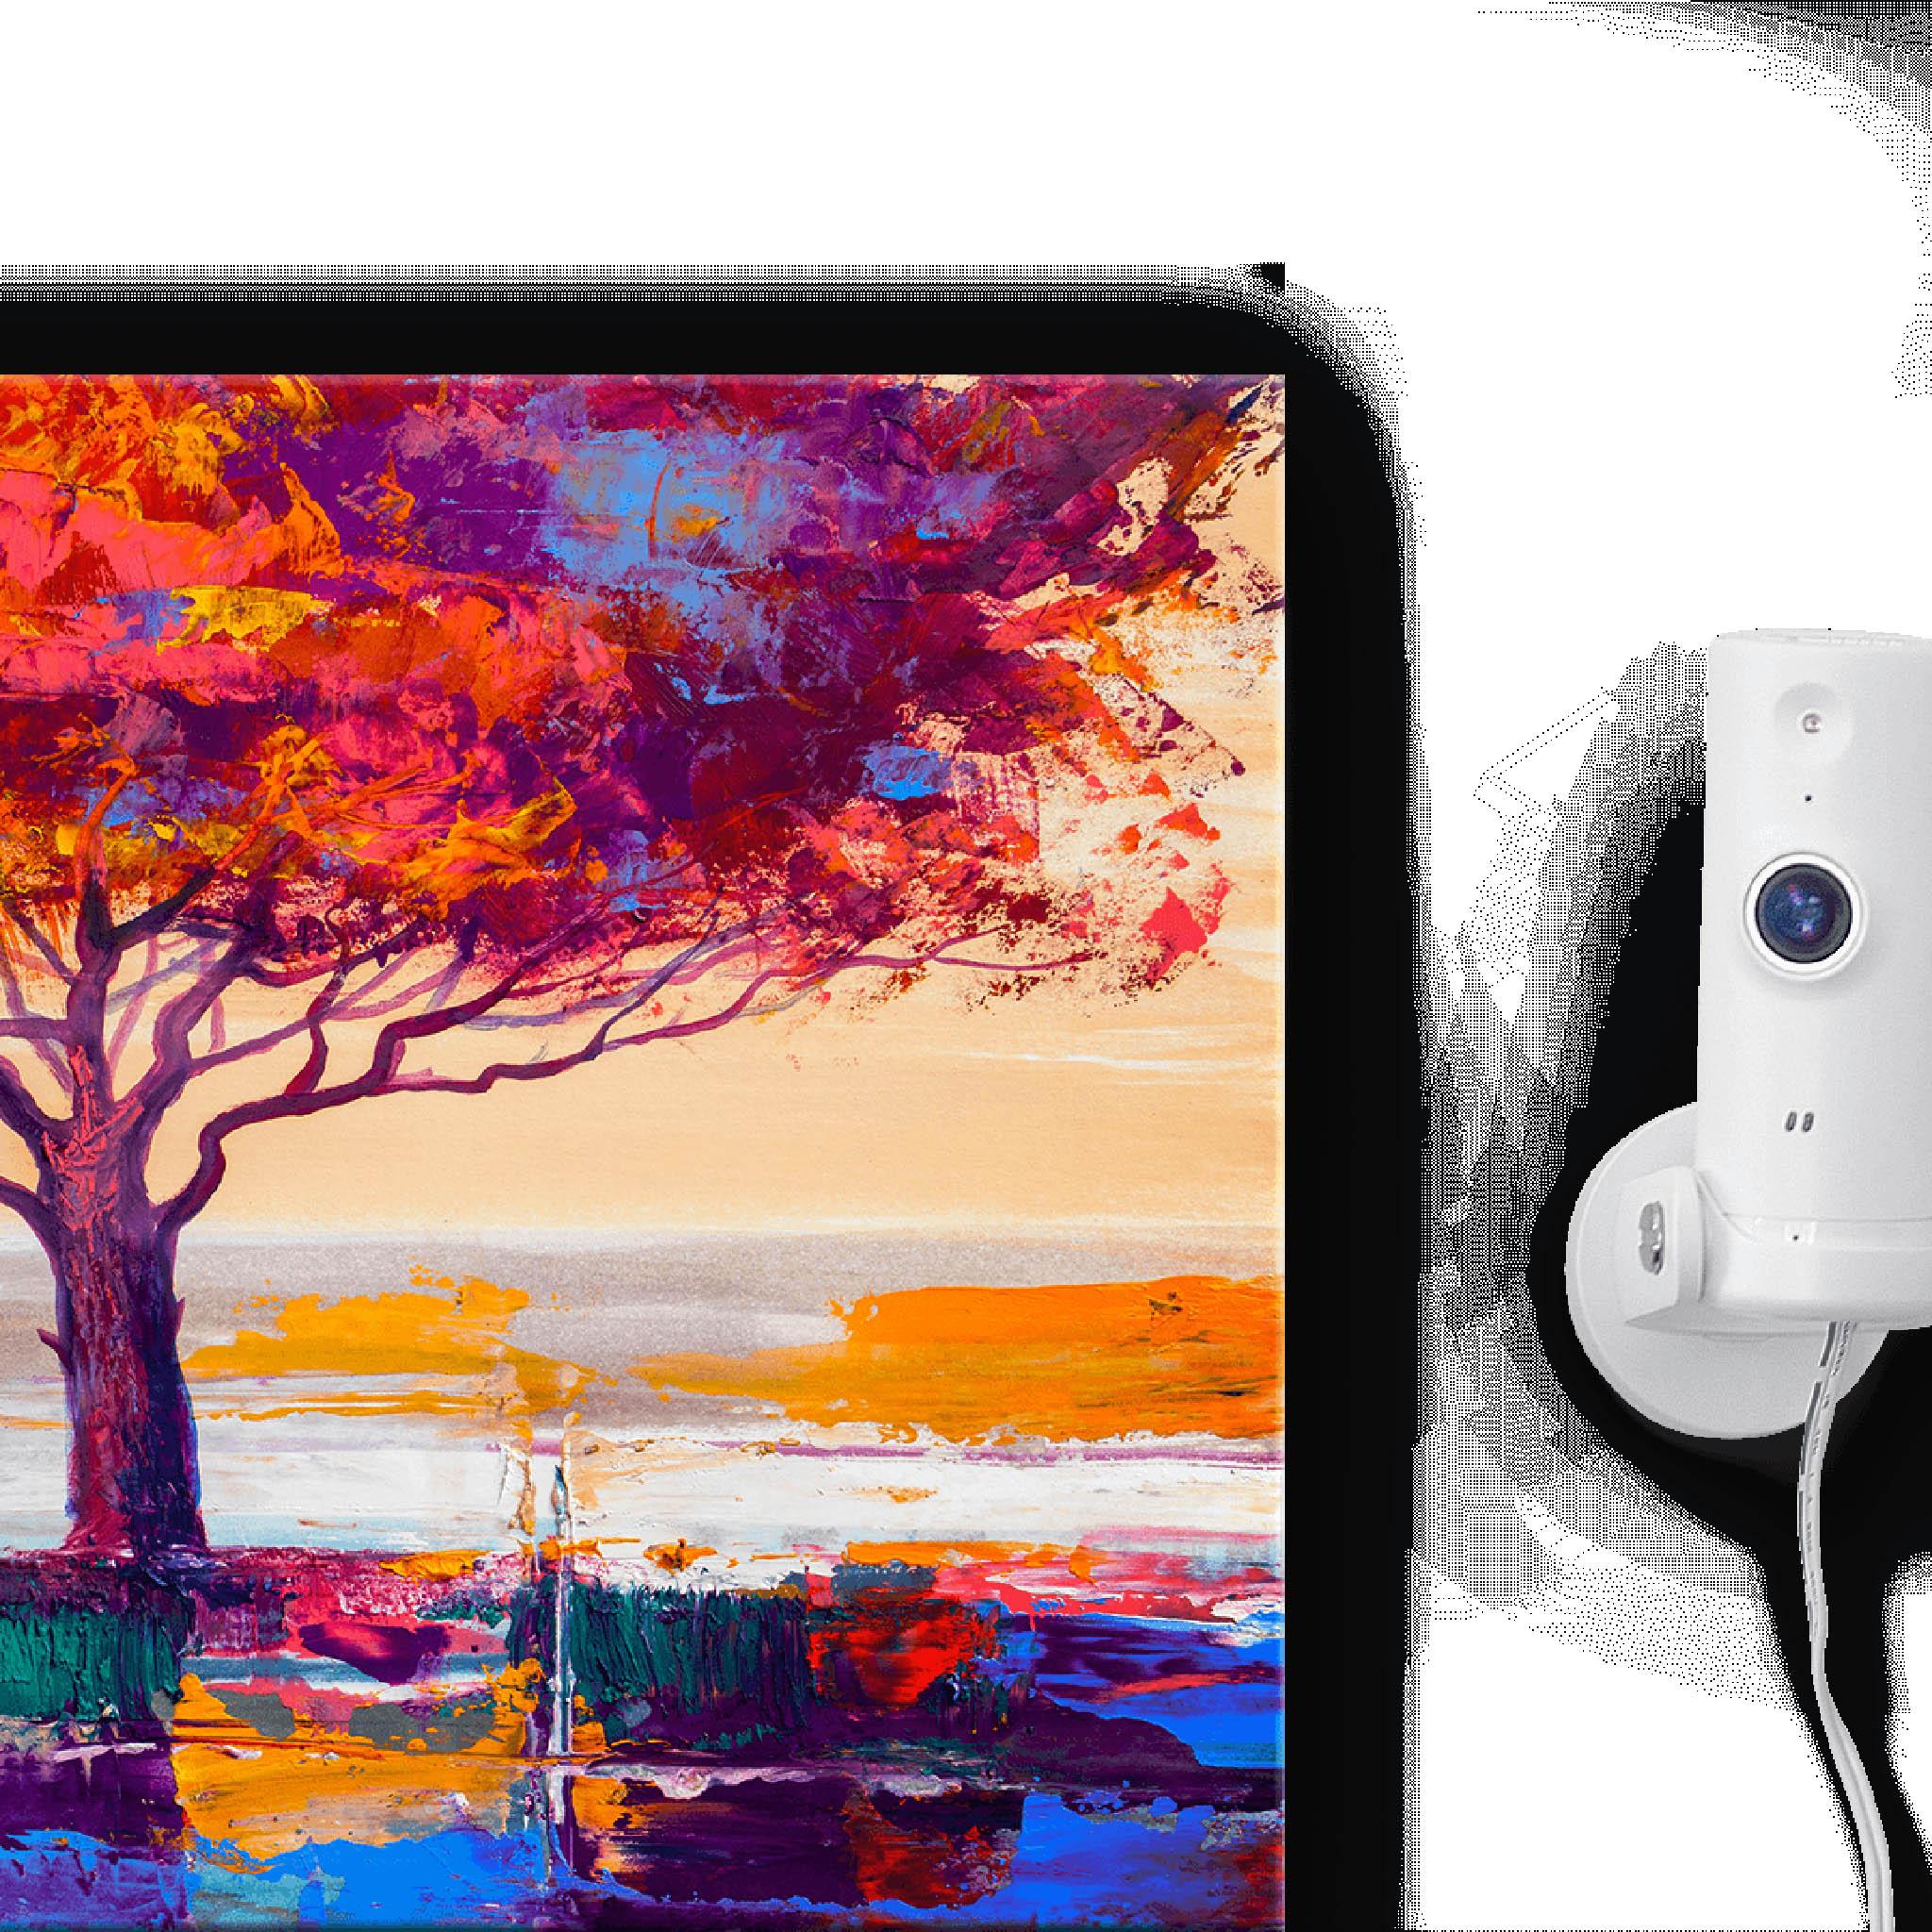 Strojové učení aumělá inteligence, to jsou technologie, které využívá inová kamerka D-Link DCS-8325LH.